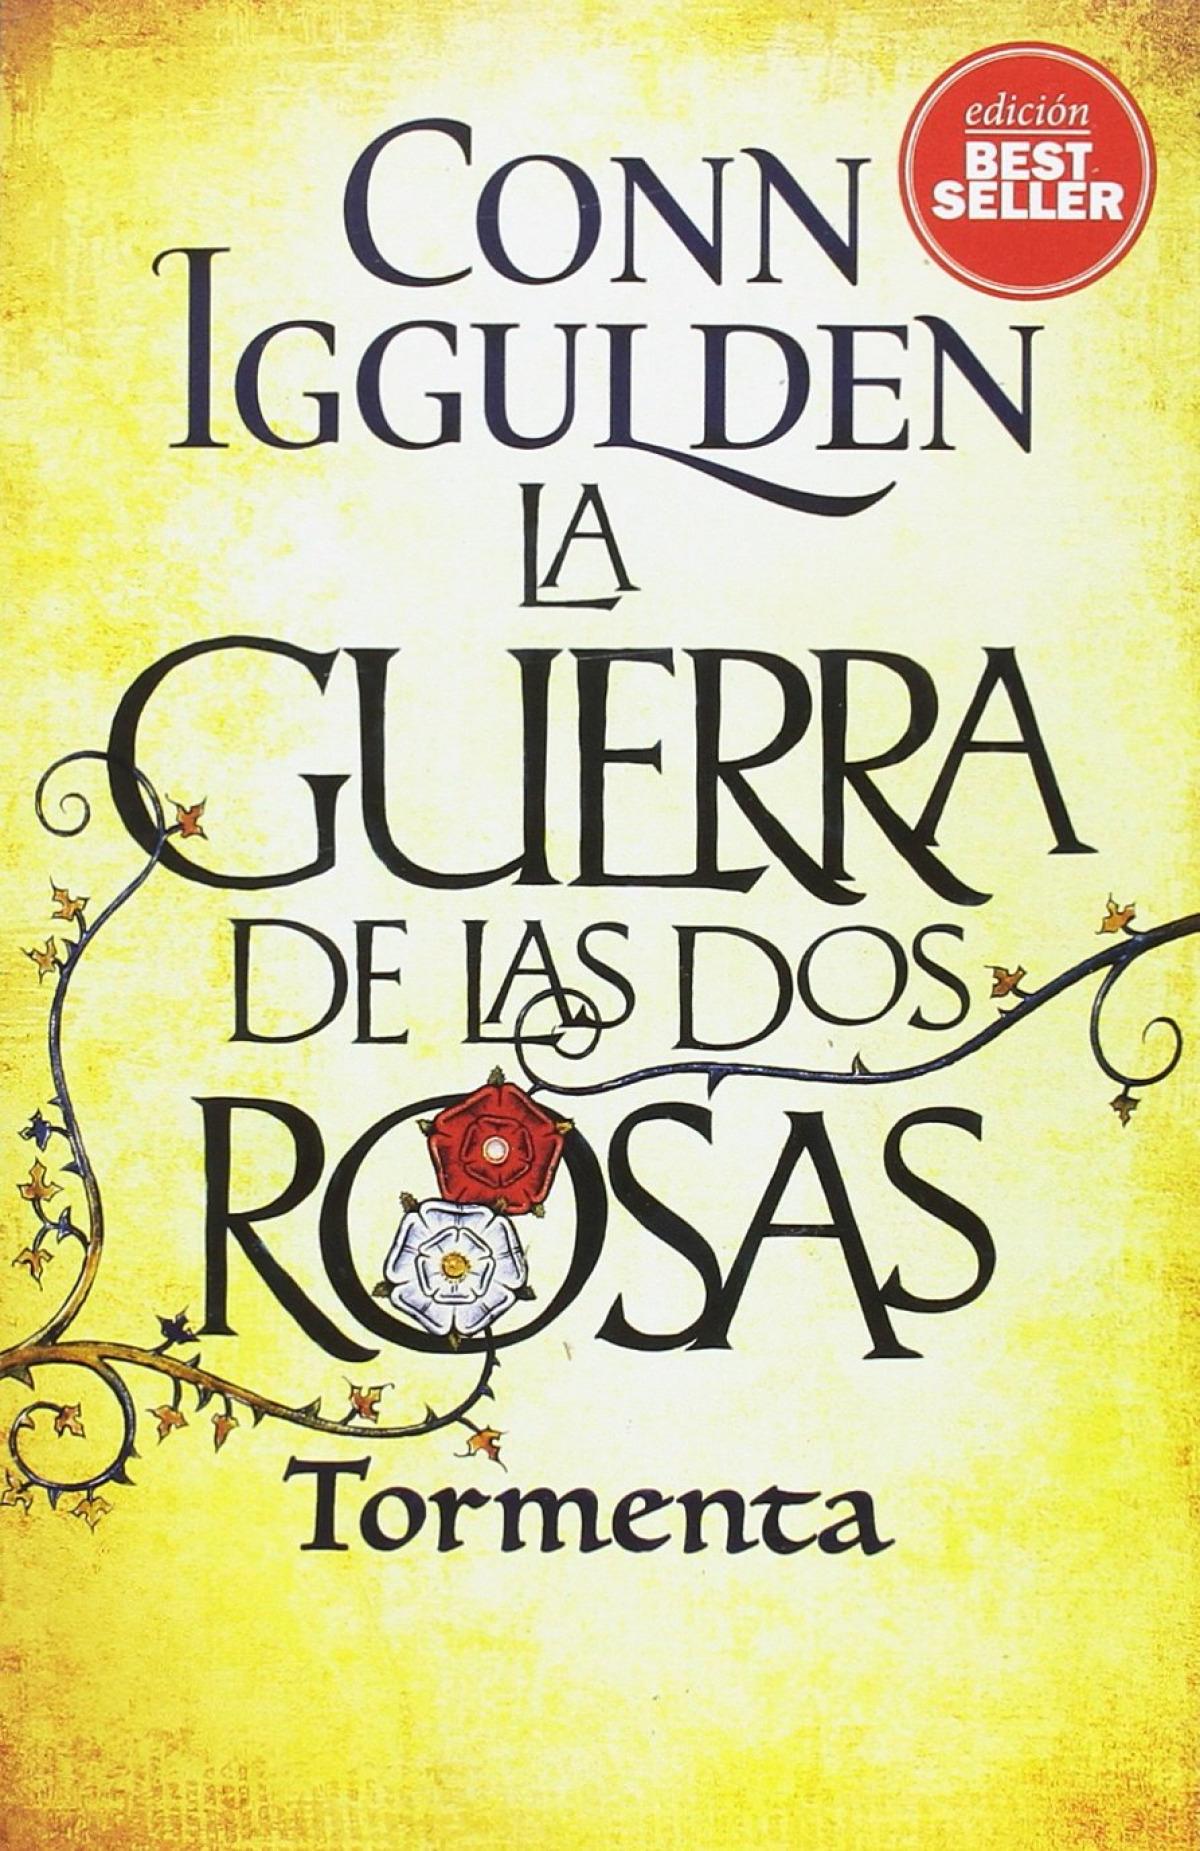 LA GUERRA DE LAS DOS ROSAS 9788417128005